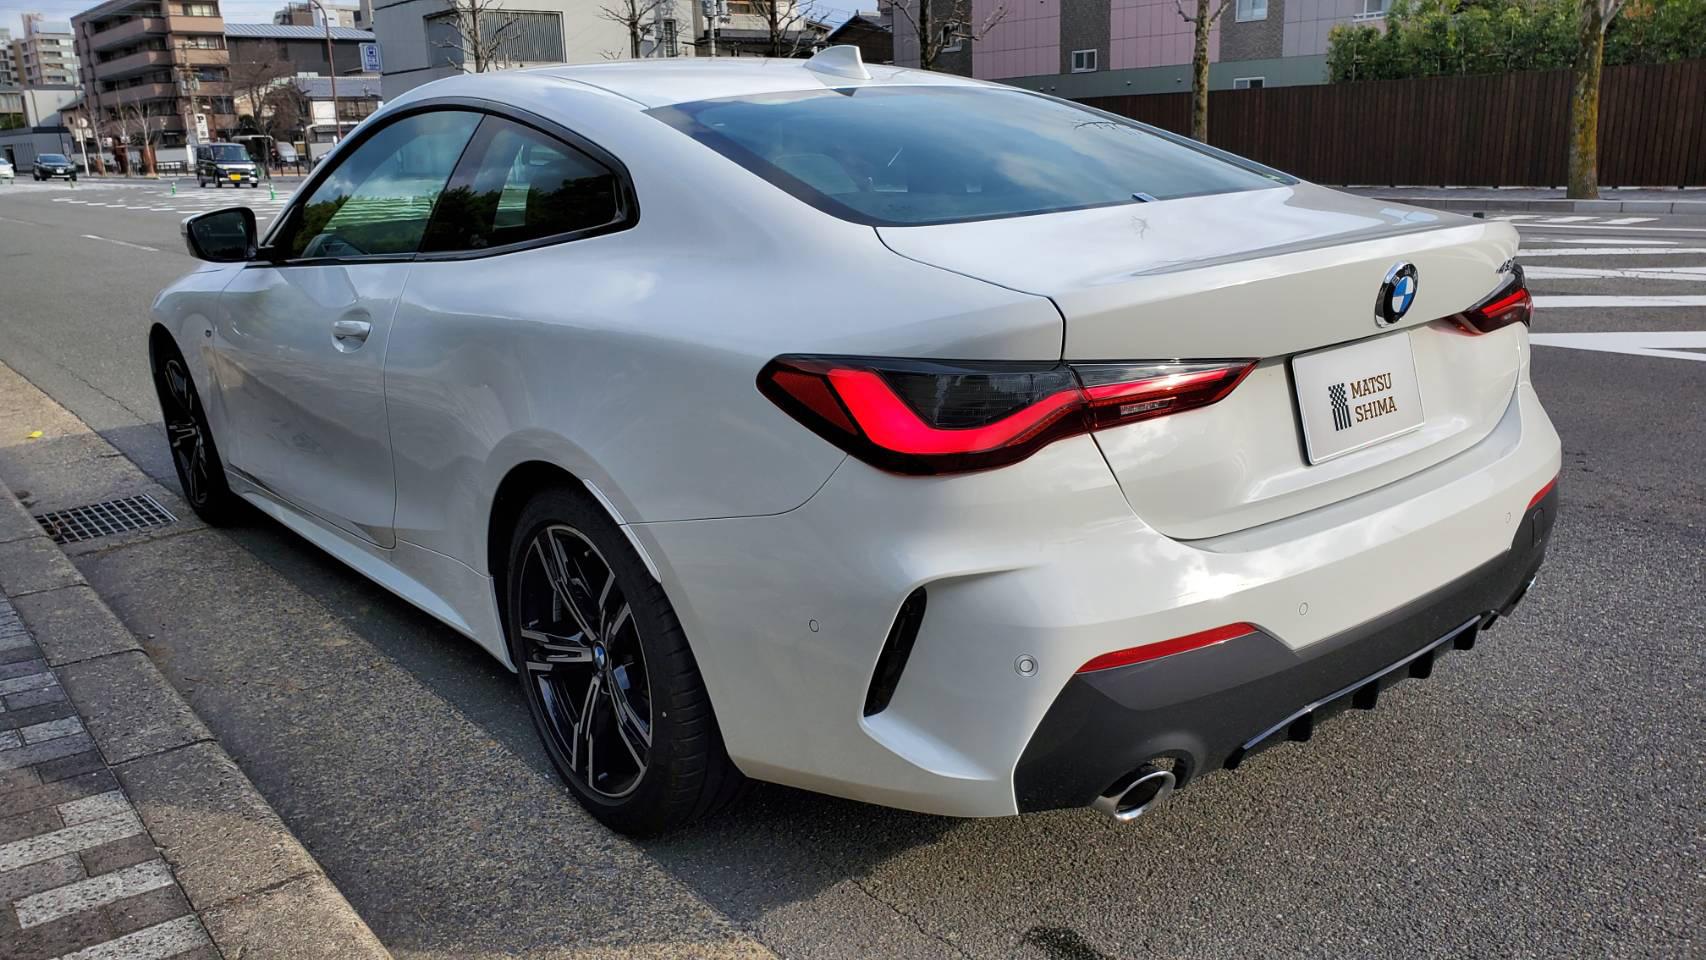 BMW 420i クーペ M Sport 流れるようなクーペーのライン